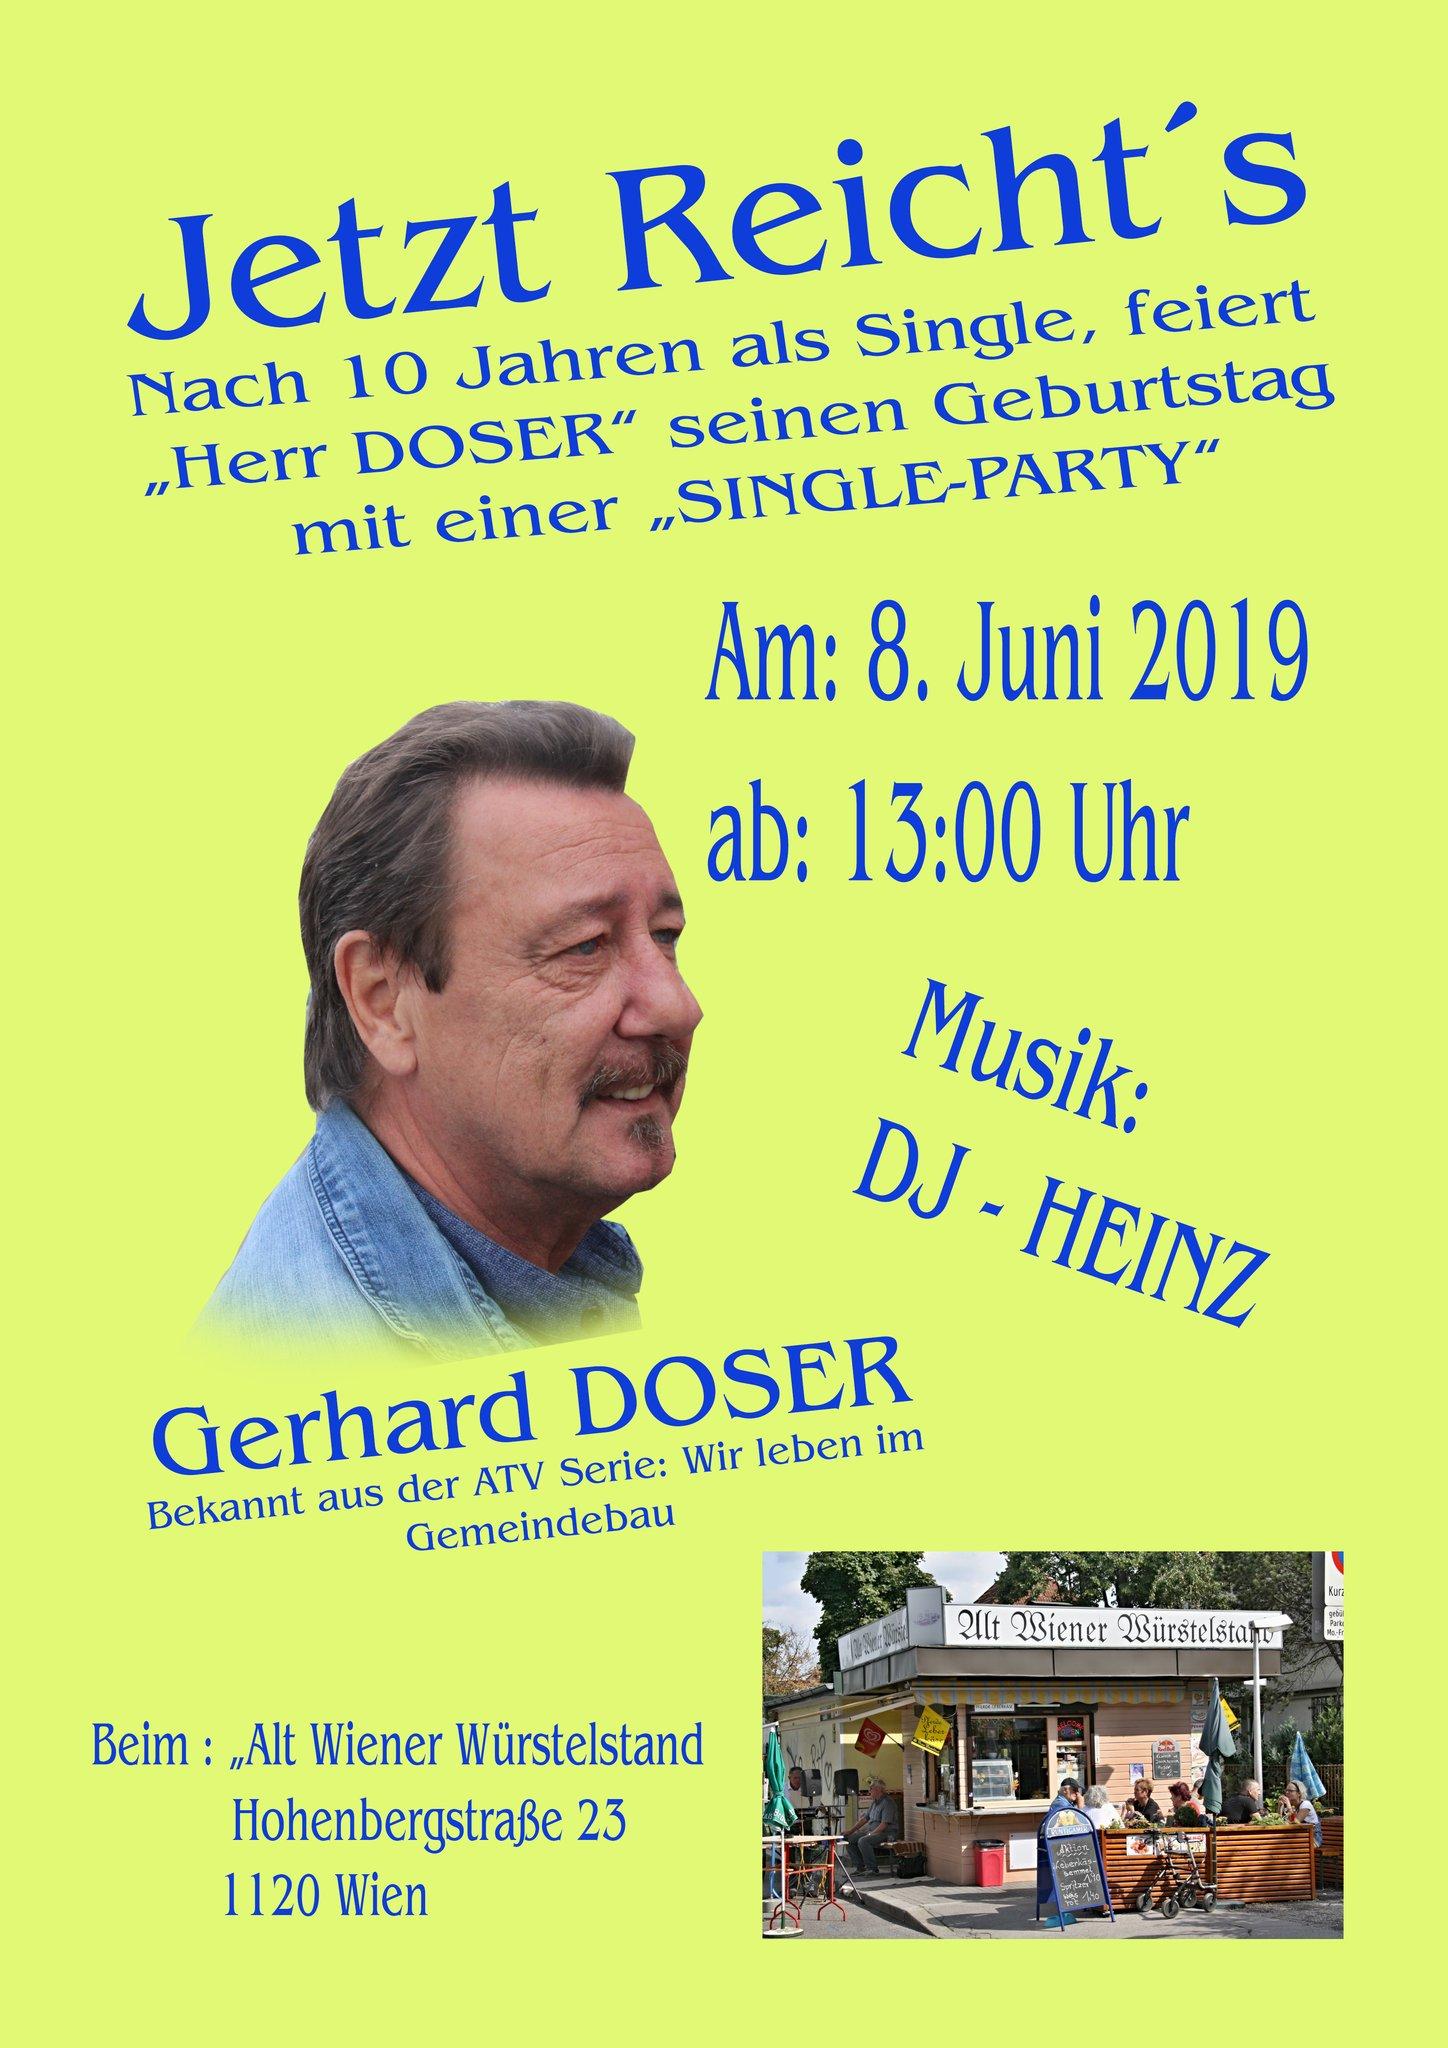 Herr Doser feiert Geburtstag mit einer Single-Party